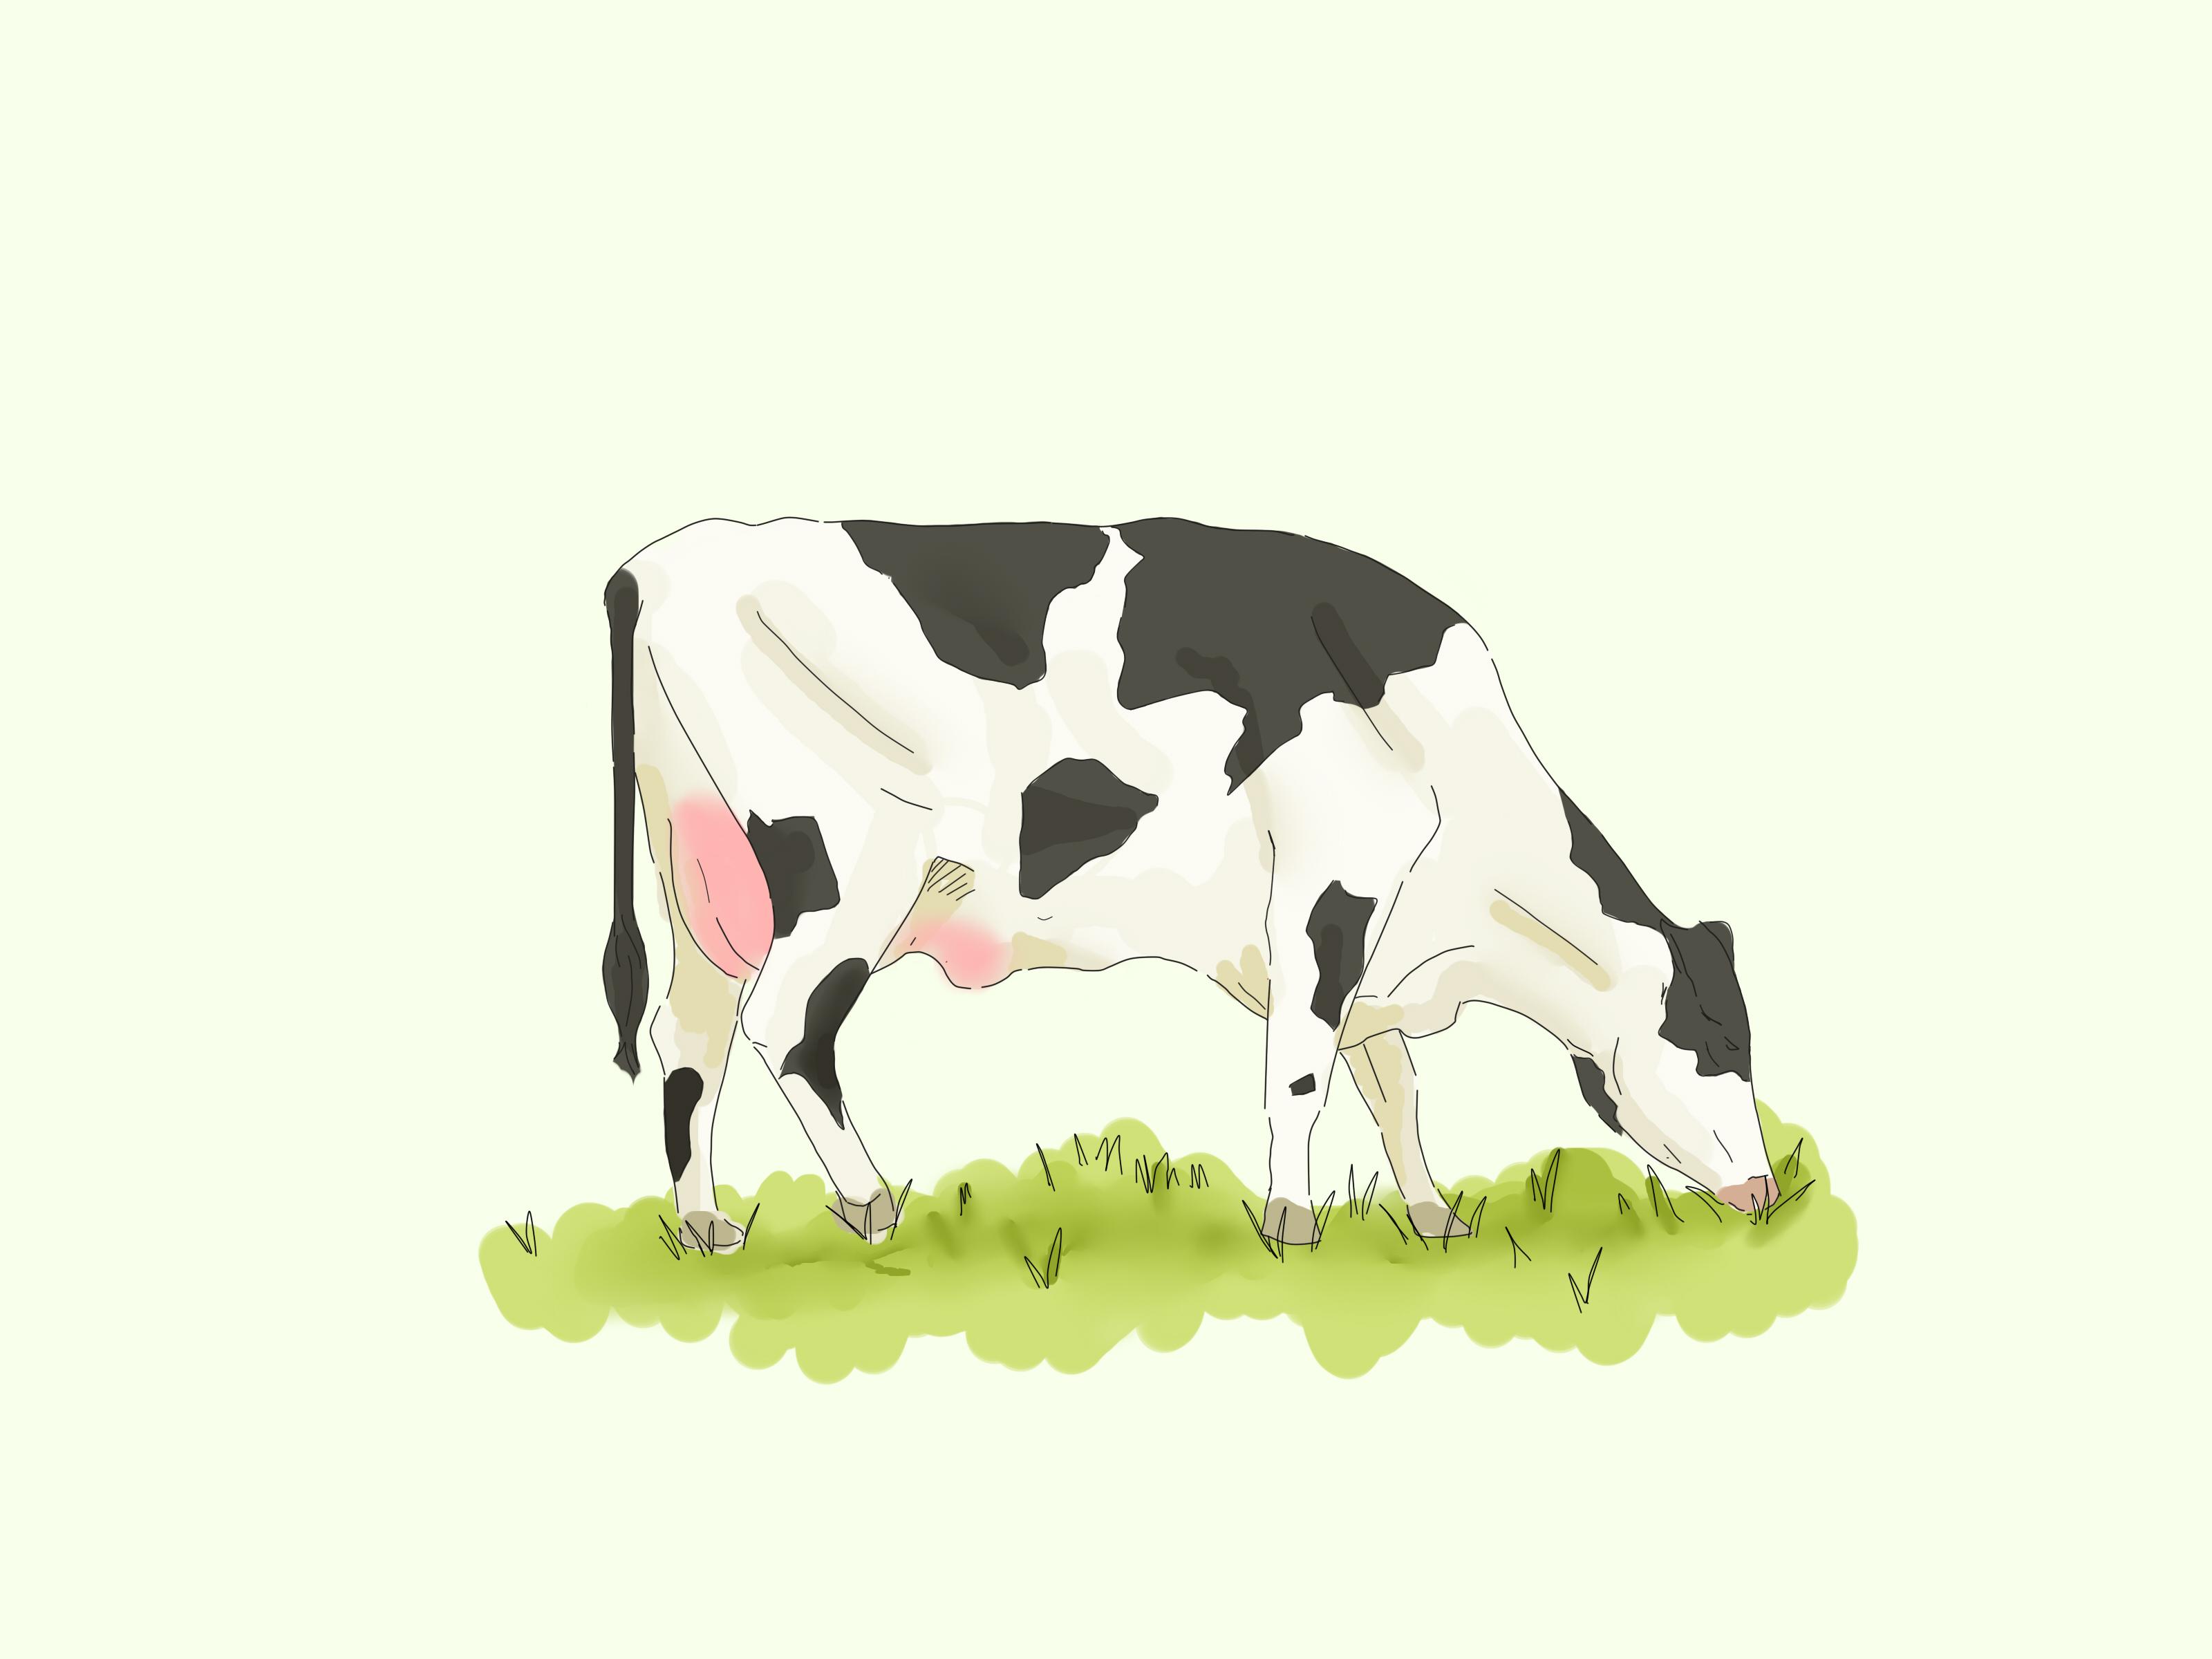 3200x2400 4 Ways To Draw A Cow